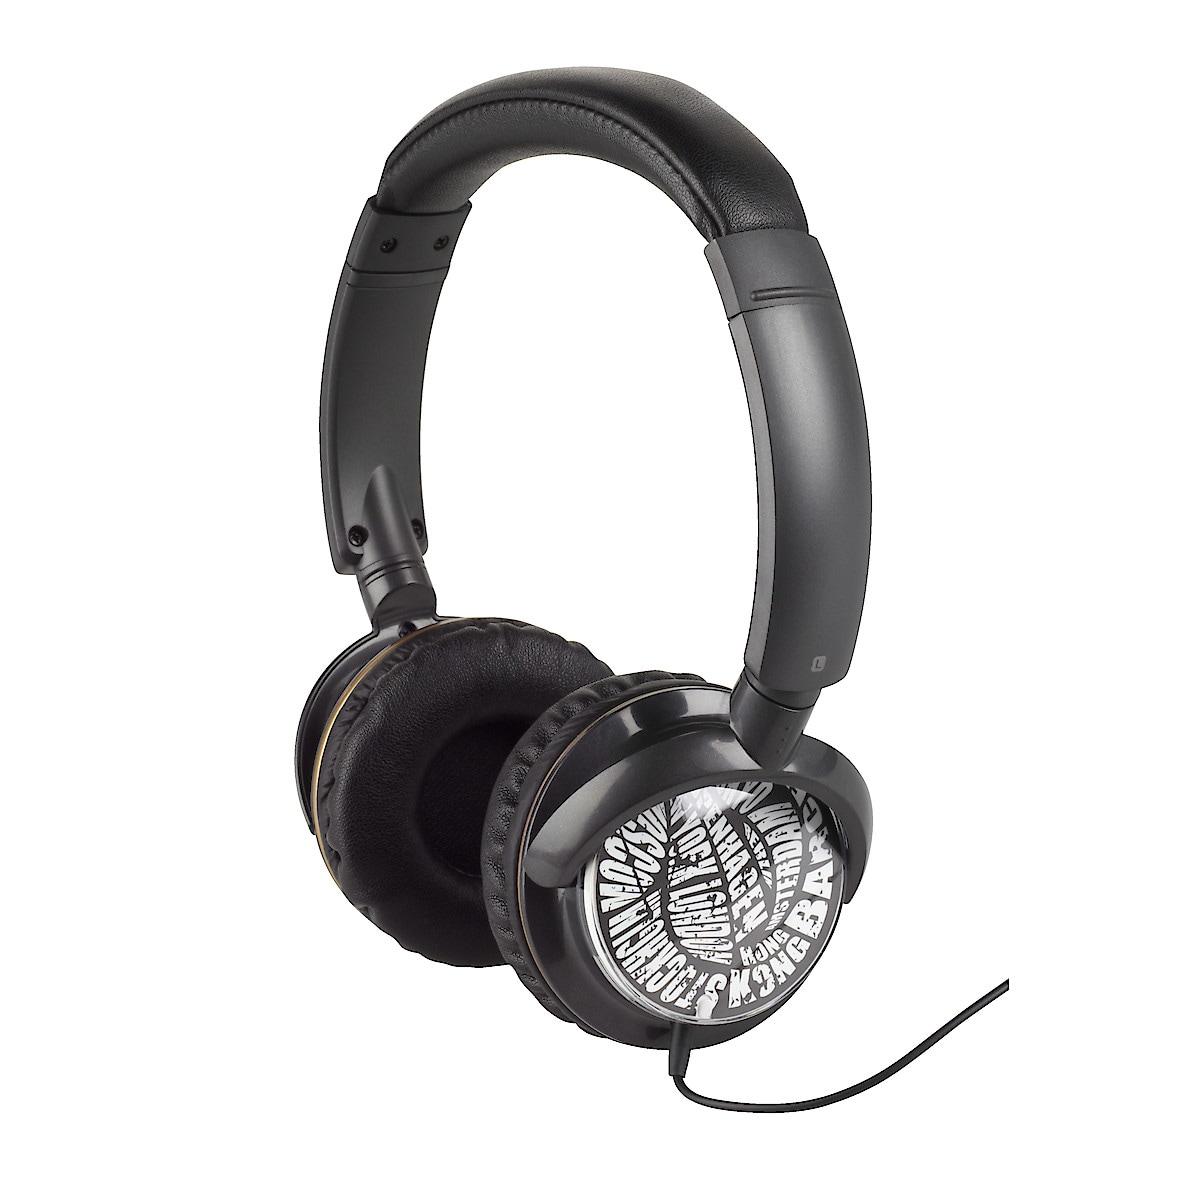 Philips SHL8800 Stereo Headphones